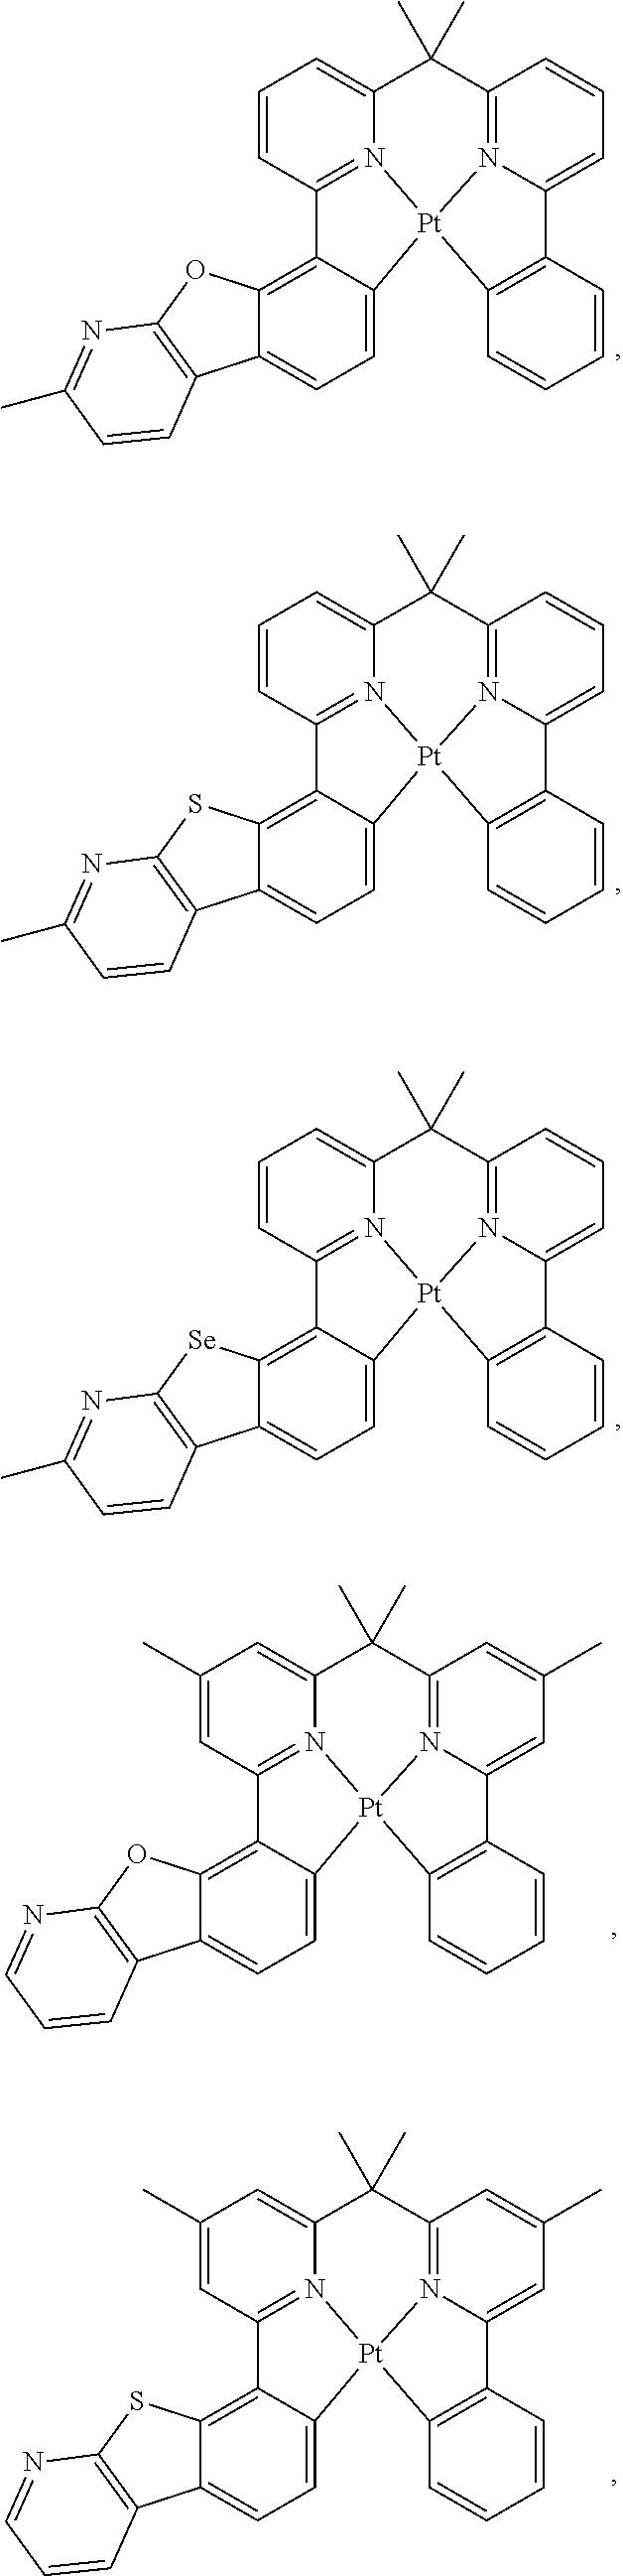 Figure US09871214-20180116-C00263